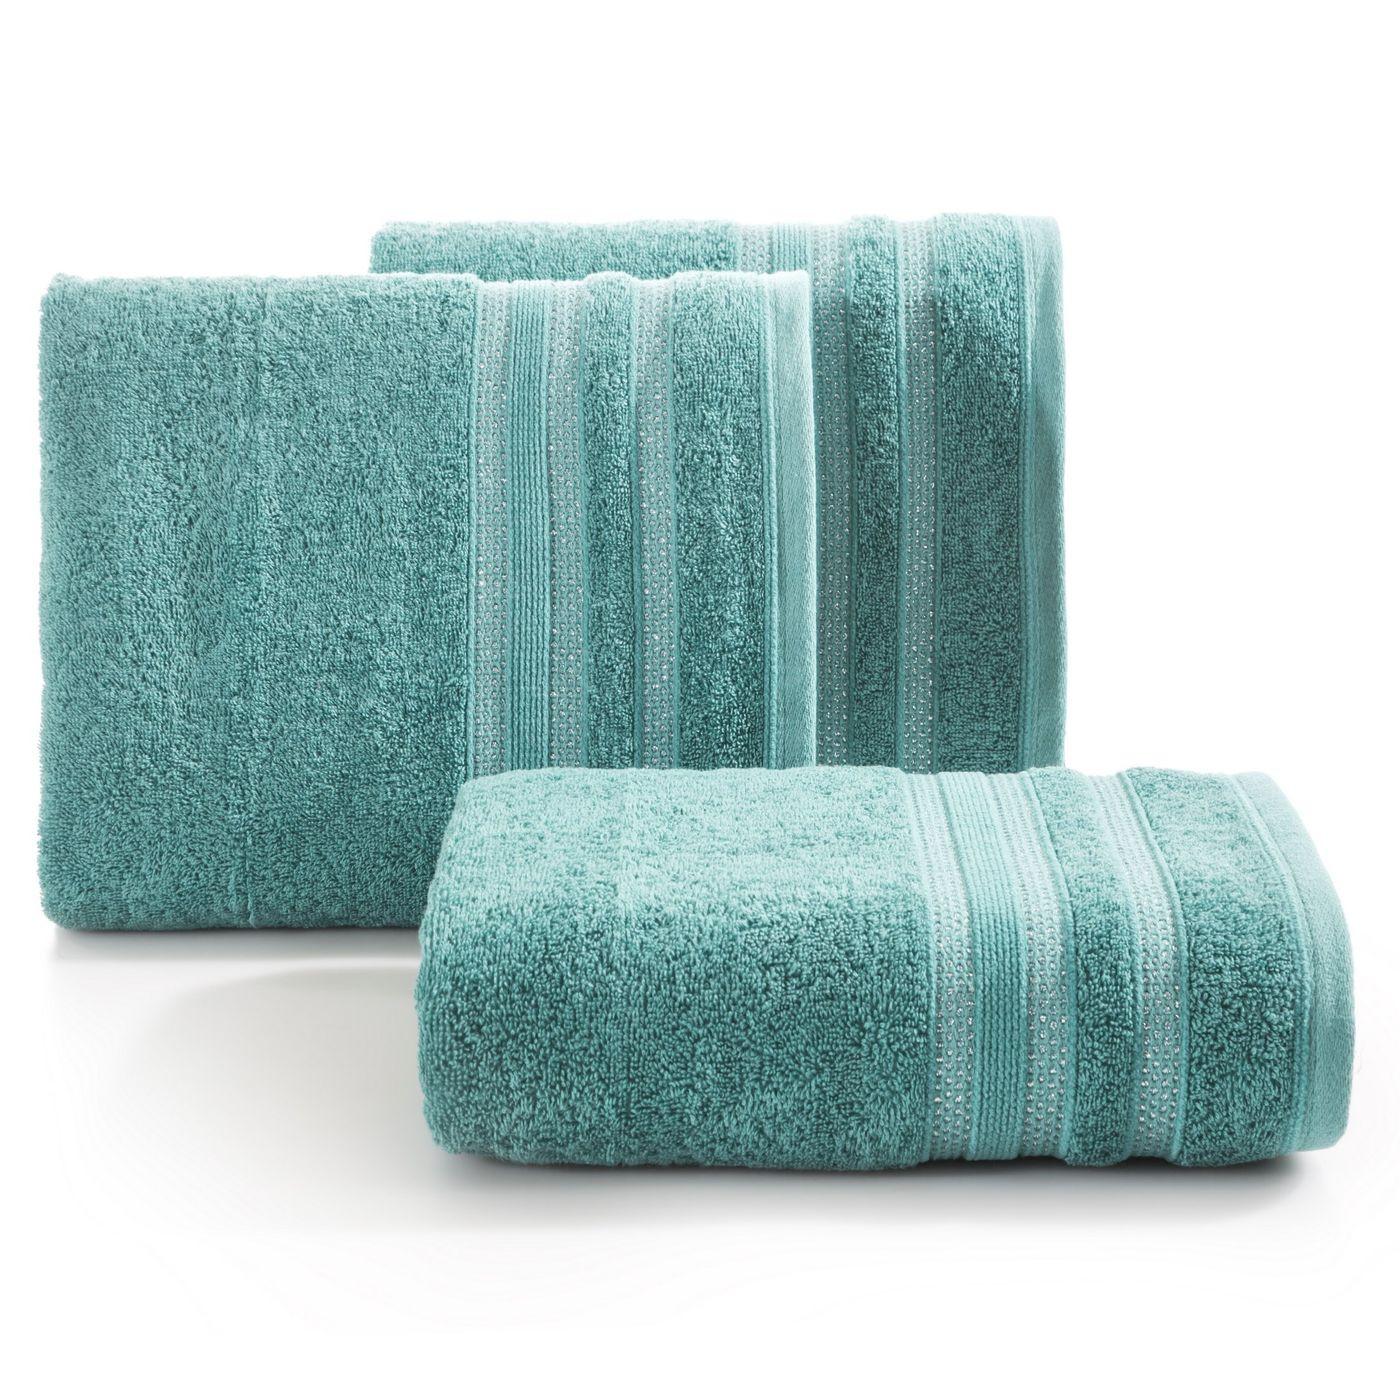 Ręcznik z bawełny zdobiony błyszczącą nitką 70x140cm turkusowy